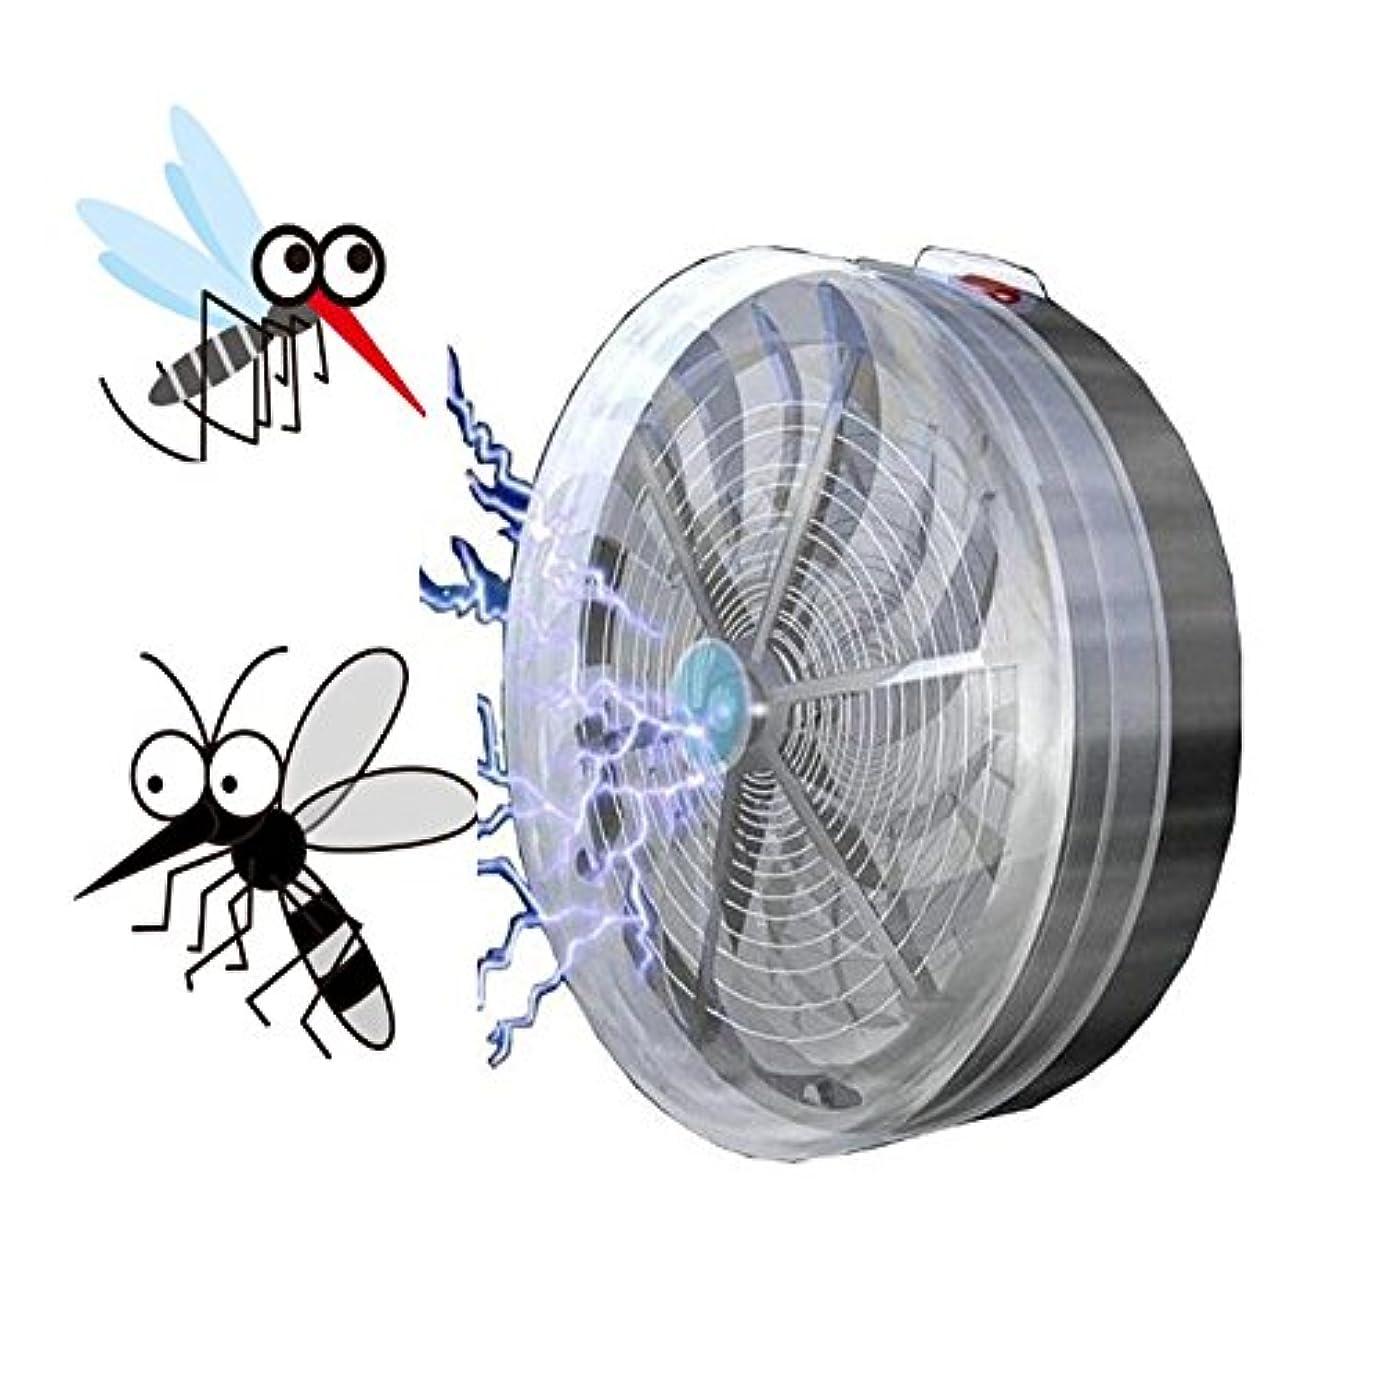 体操利益代表MR 電殺虫職人 ソーラー 害虫駆除 蚊 アリ クモ ゴキブリ 子供 ペット 携帯 省エネ アウトドア ガーデン MUSHISHOKU